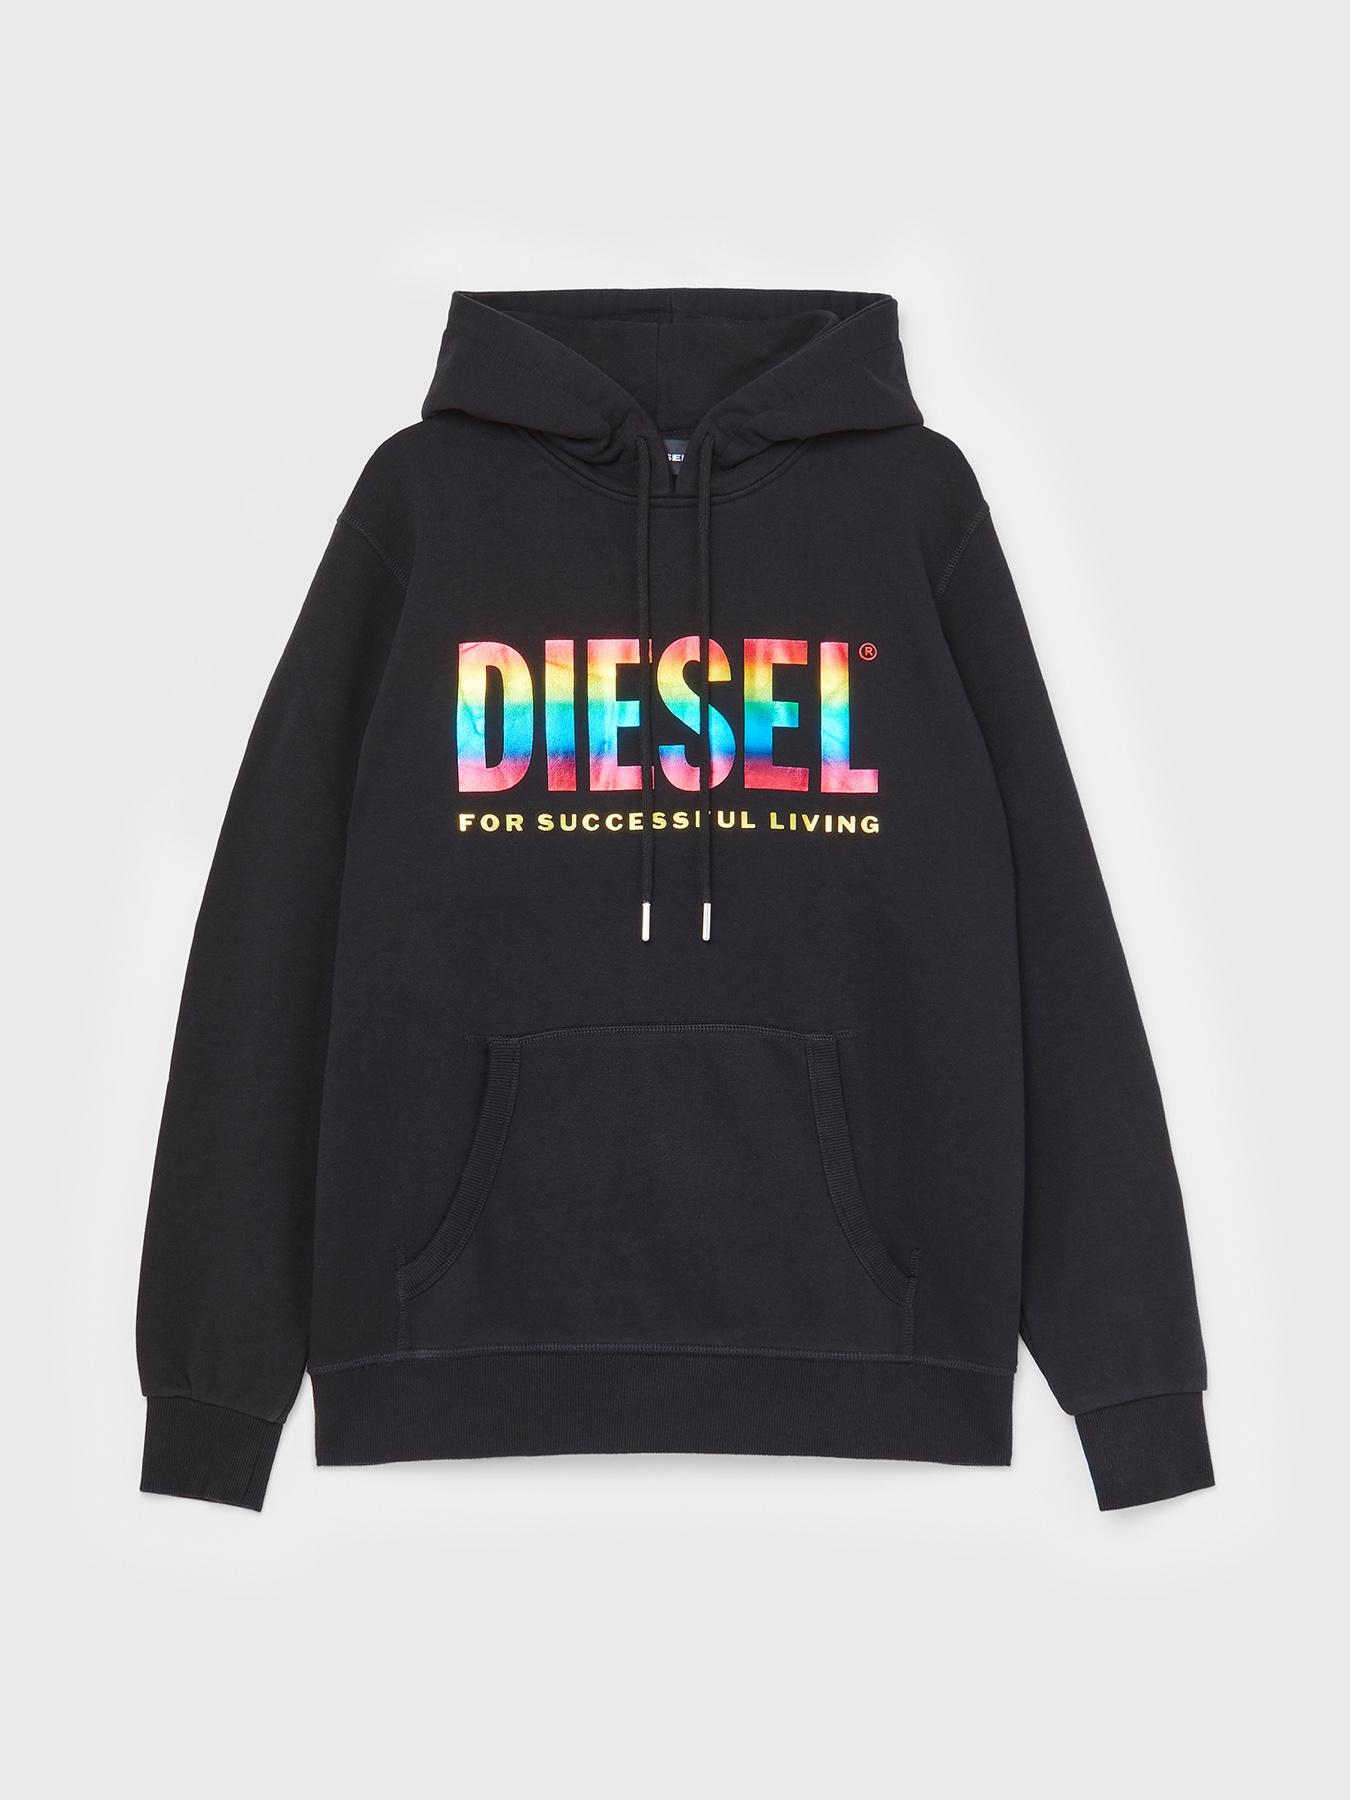 Diesel Pride Hoodie